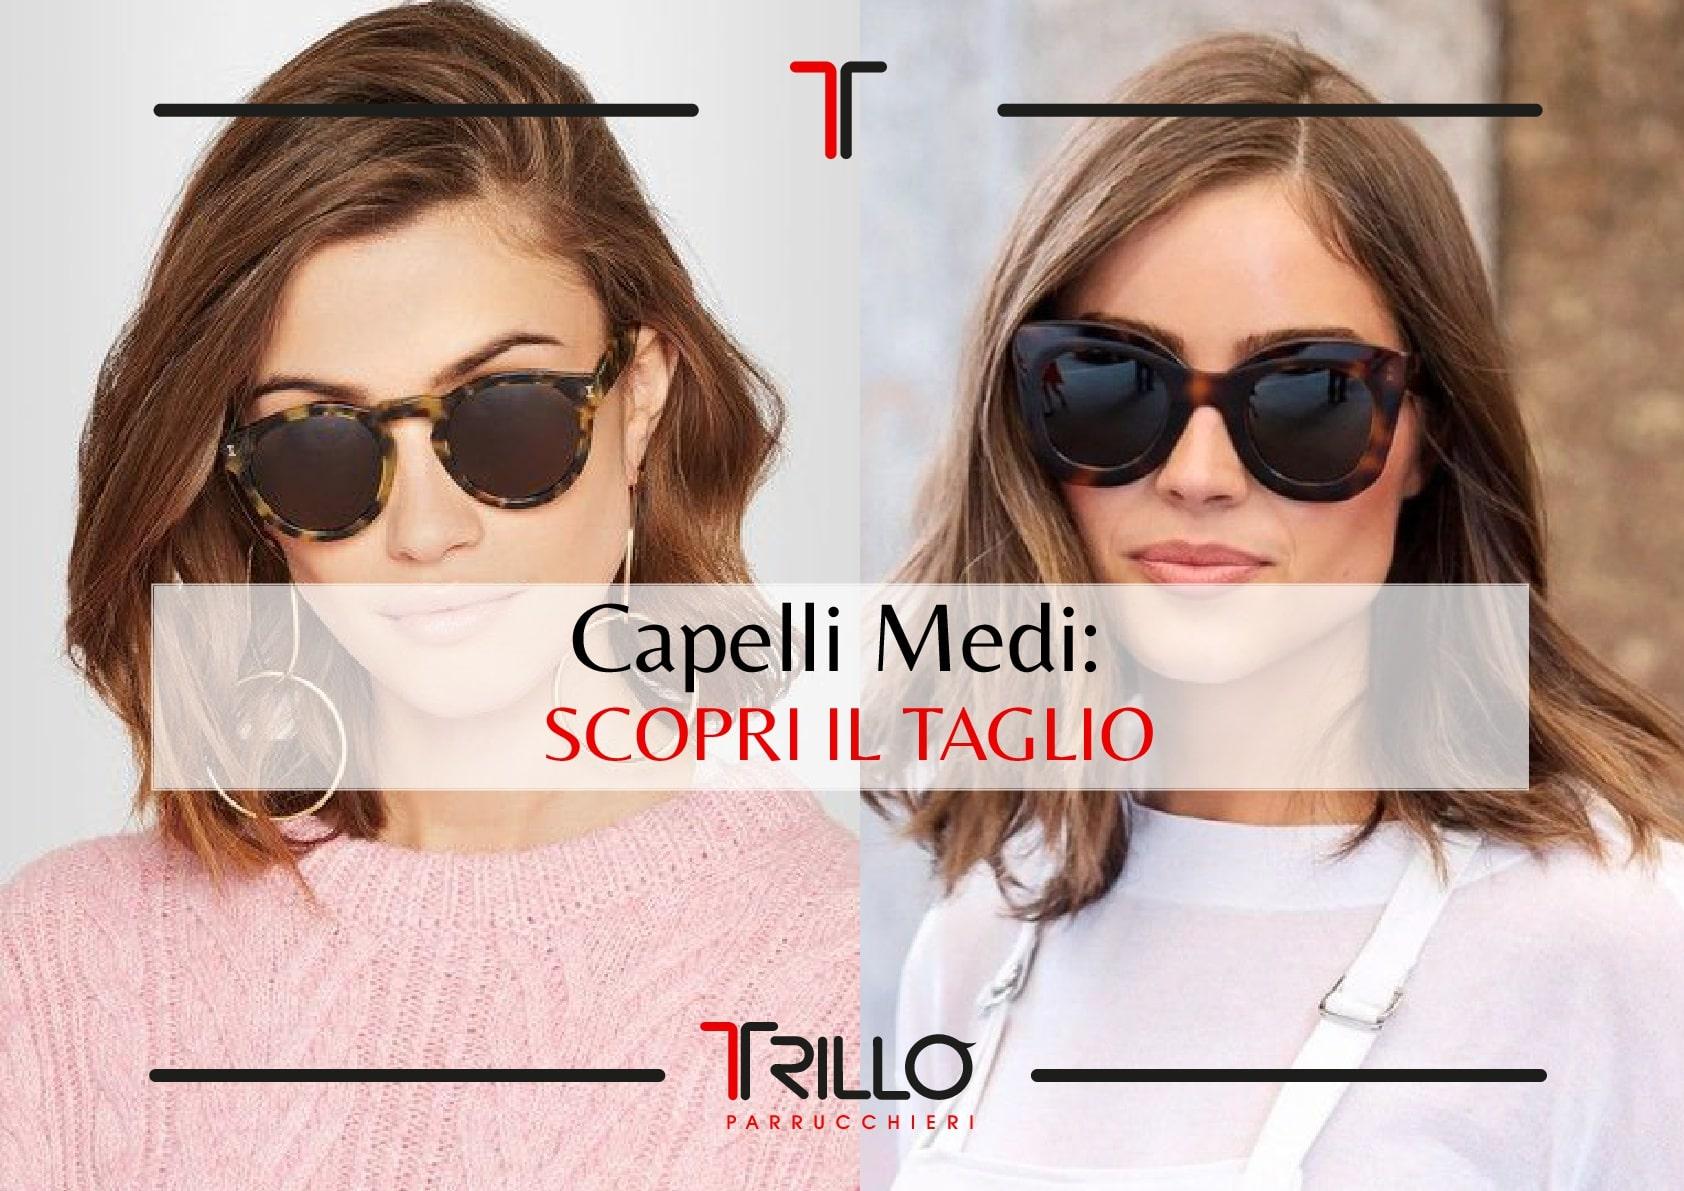 Taglio Capelli Medi - Scopri il Taglio